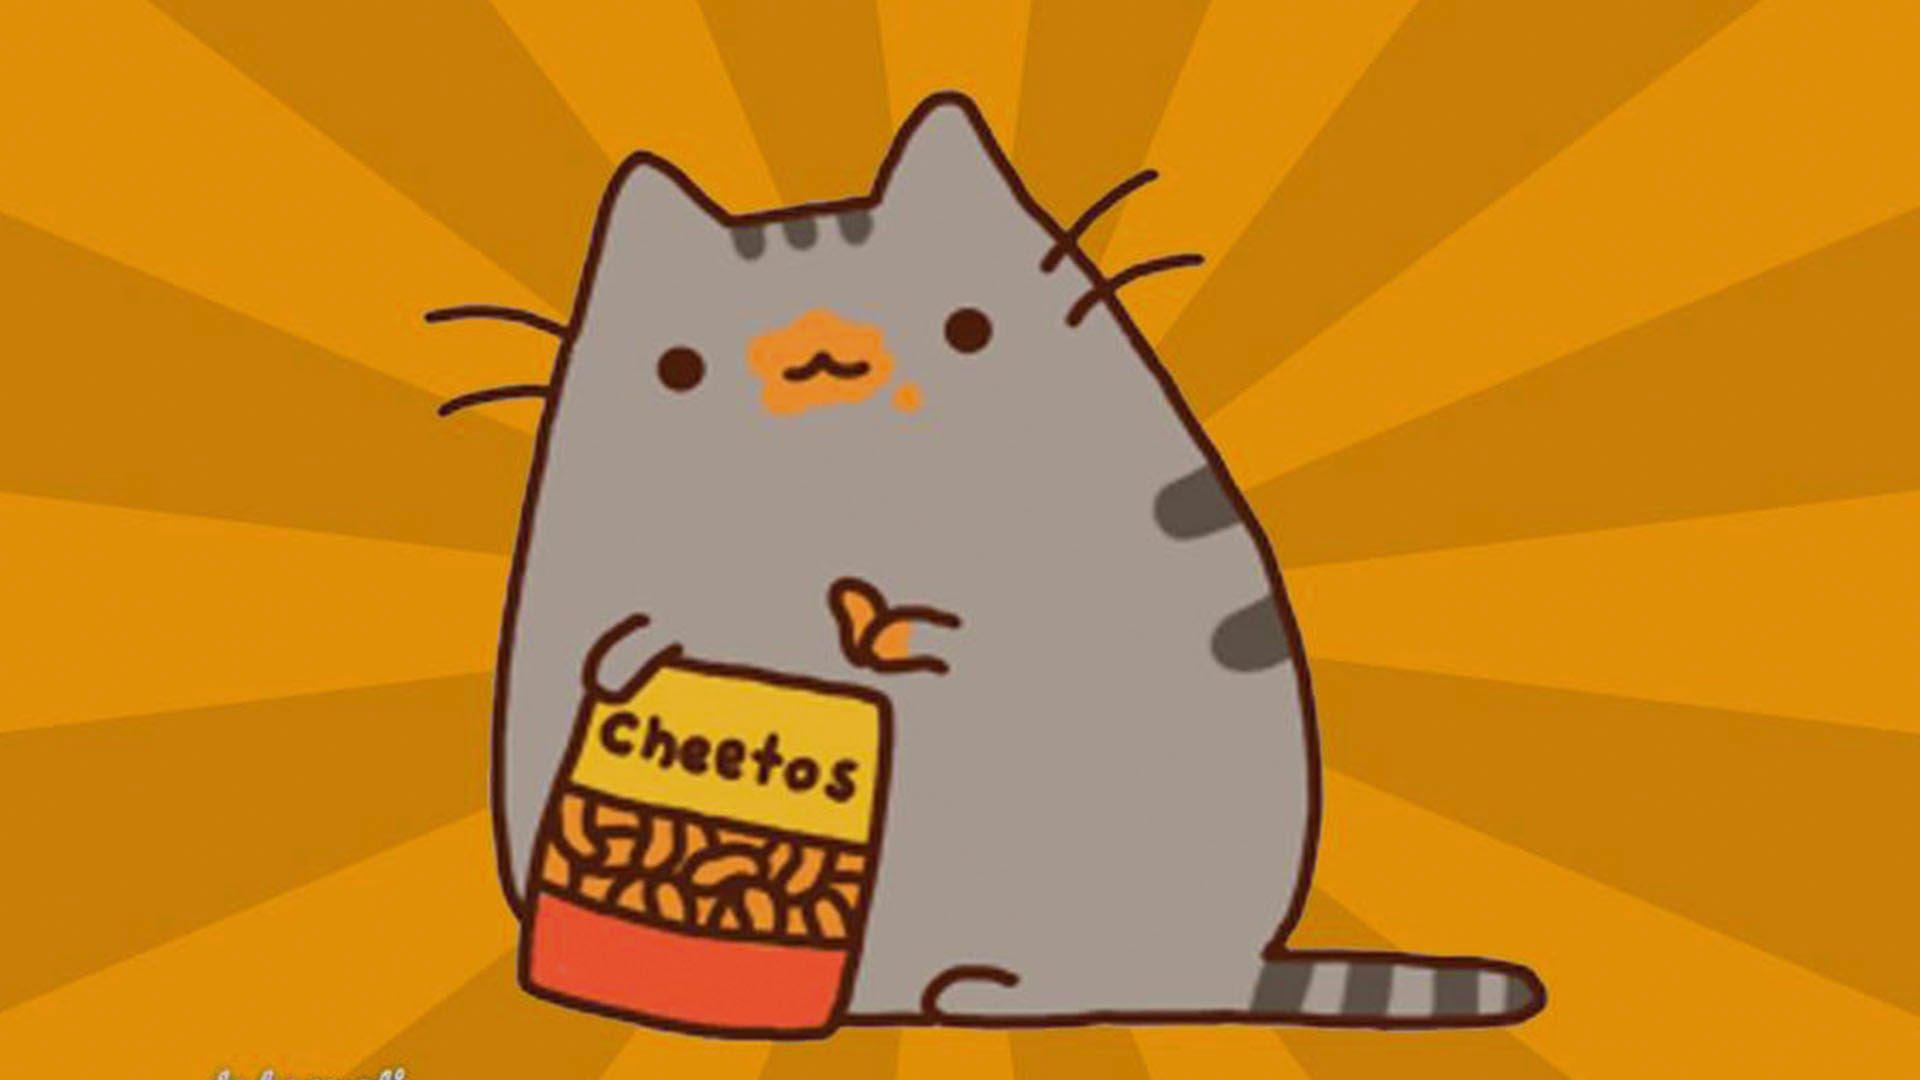 Best 56 Cheetos Wallpaper on HipWallpaper Hot Cheetos 1920x1080